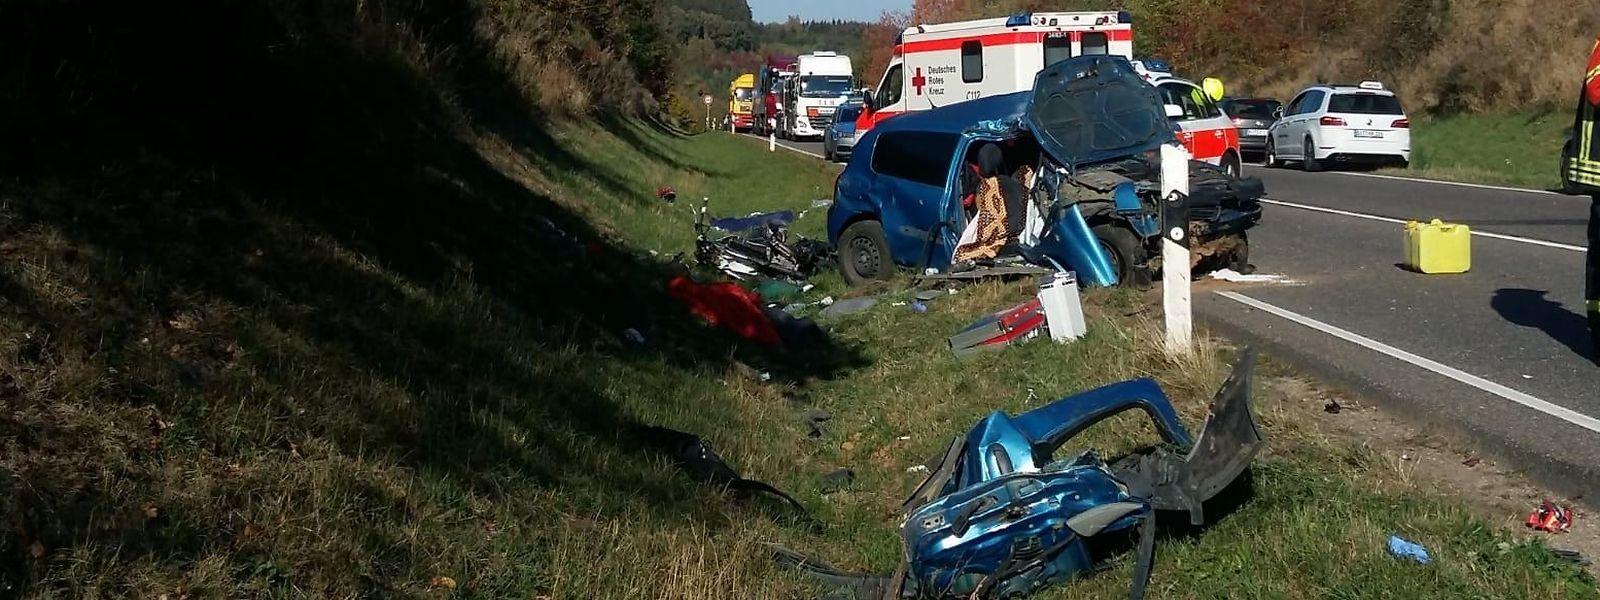 Das in Luxemburg zugelassene Fahrzeug geriet aus noch ungeklärter Ursache auf die Gegenfahrbahn.